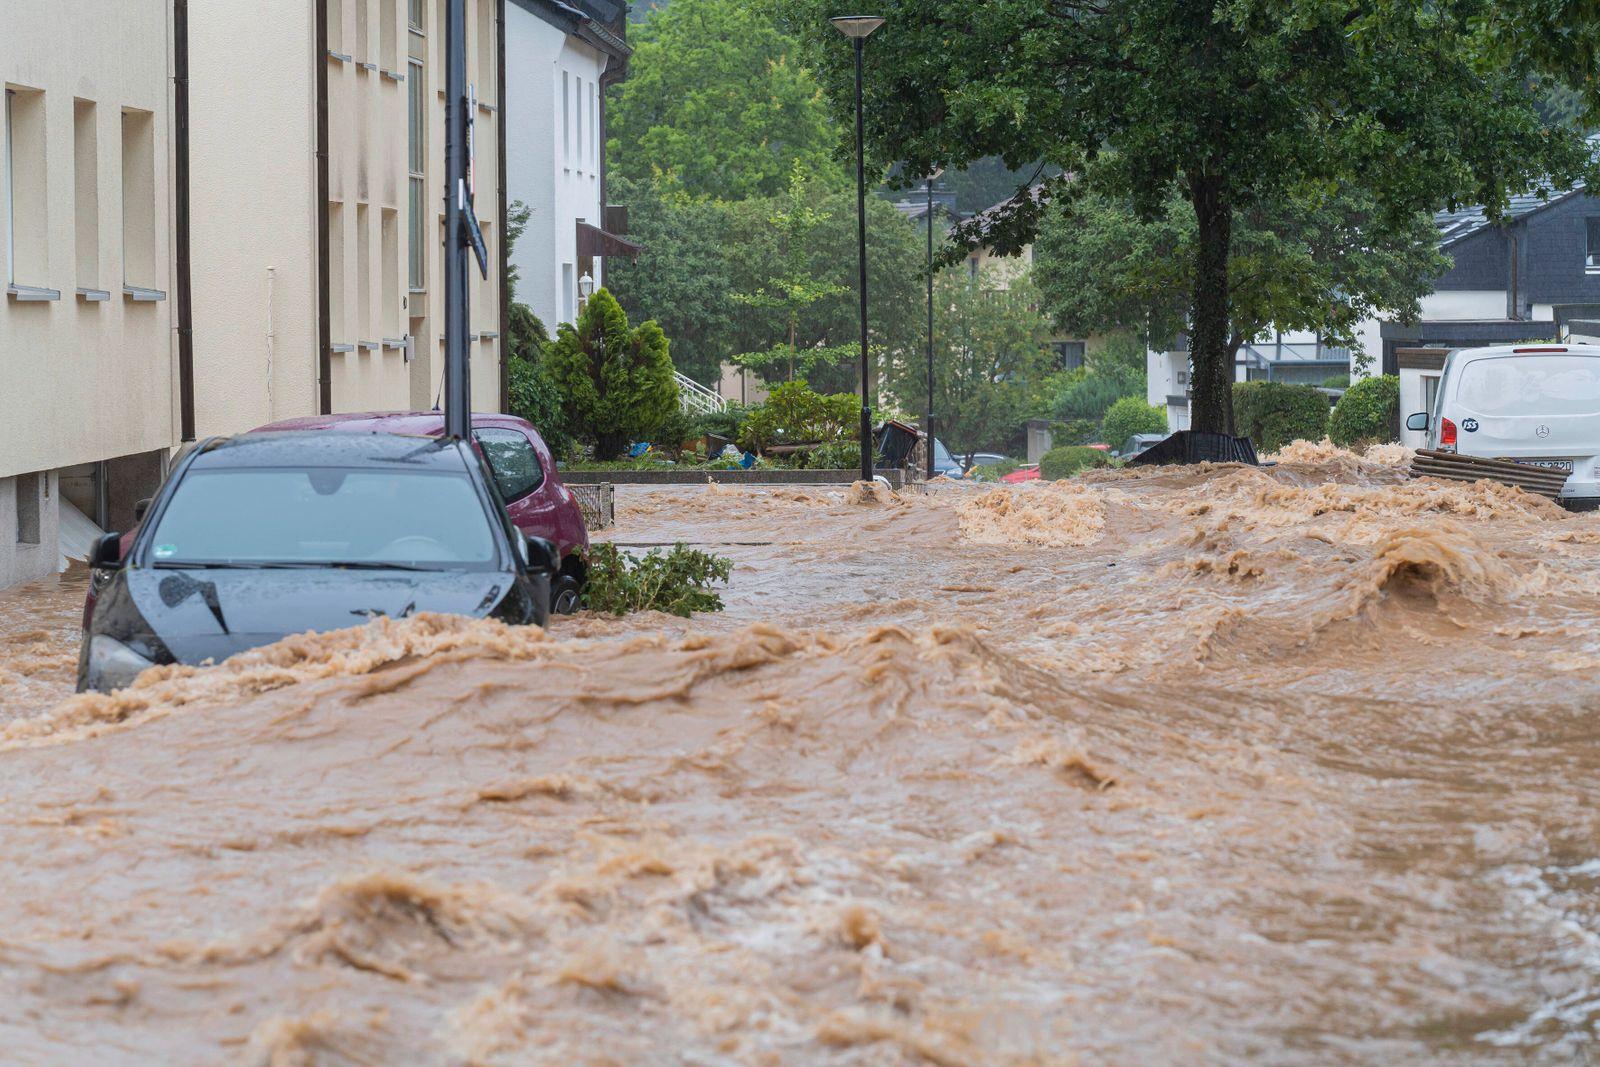 14.07.2021, Hagen, Deutschland, - Wassermassen fließen eine Straße hinunter im Stadtteil Hohenlimburg. *** 14 07 2021, H